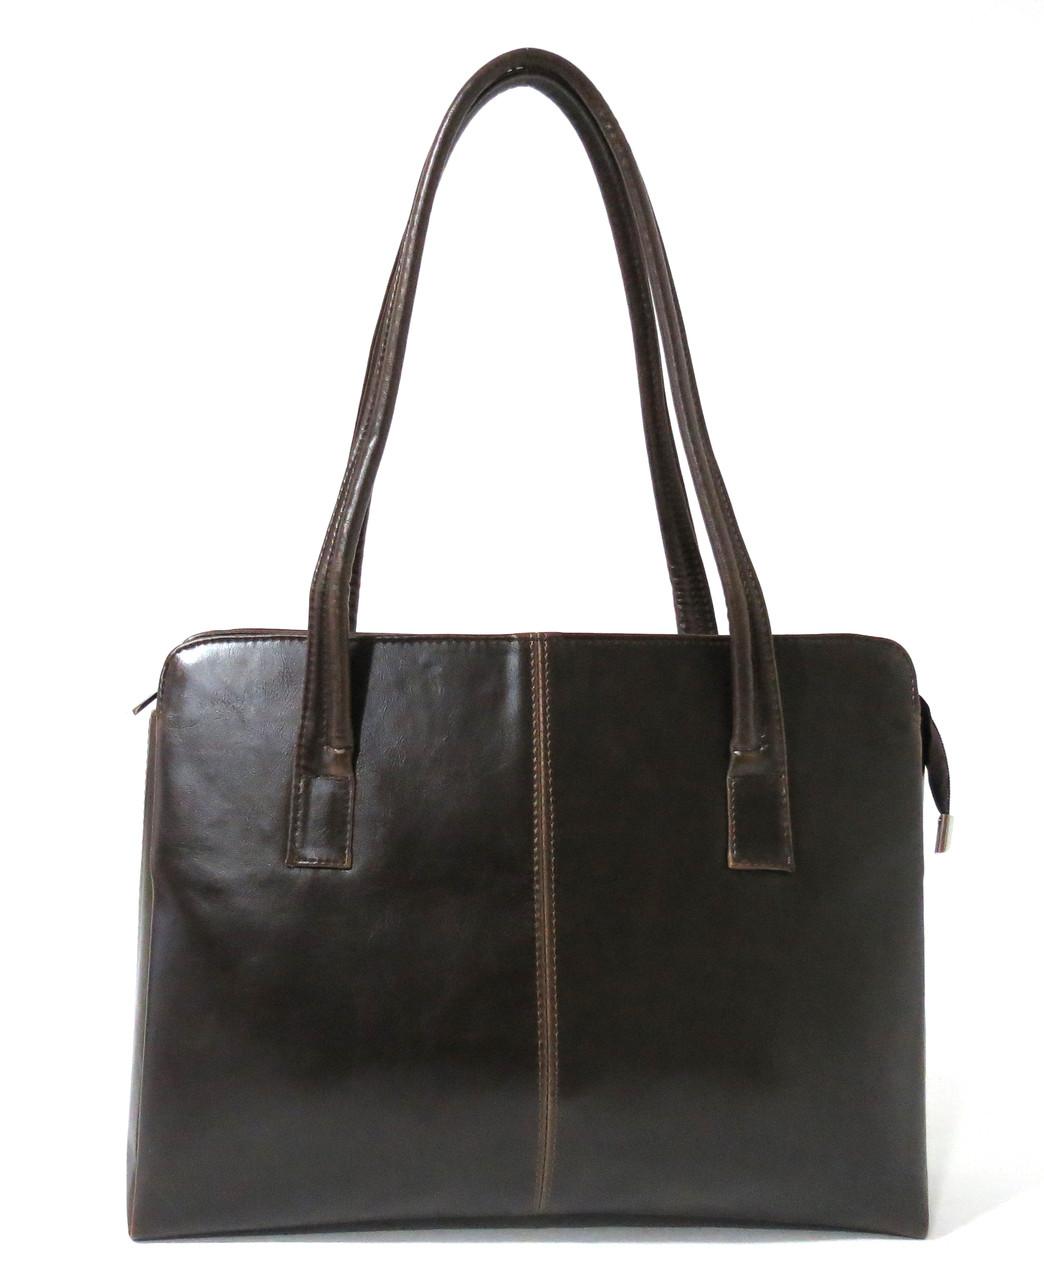 5dbab4a8f7b3 Женская сумка из искусственной кожи Karen Лучина Коричневая -  Интернет-магазин сумок и кошельков